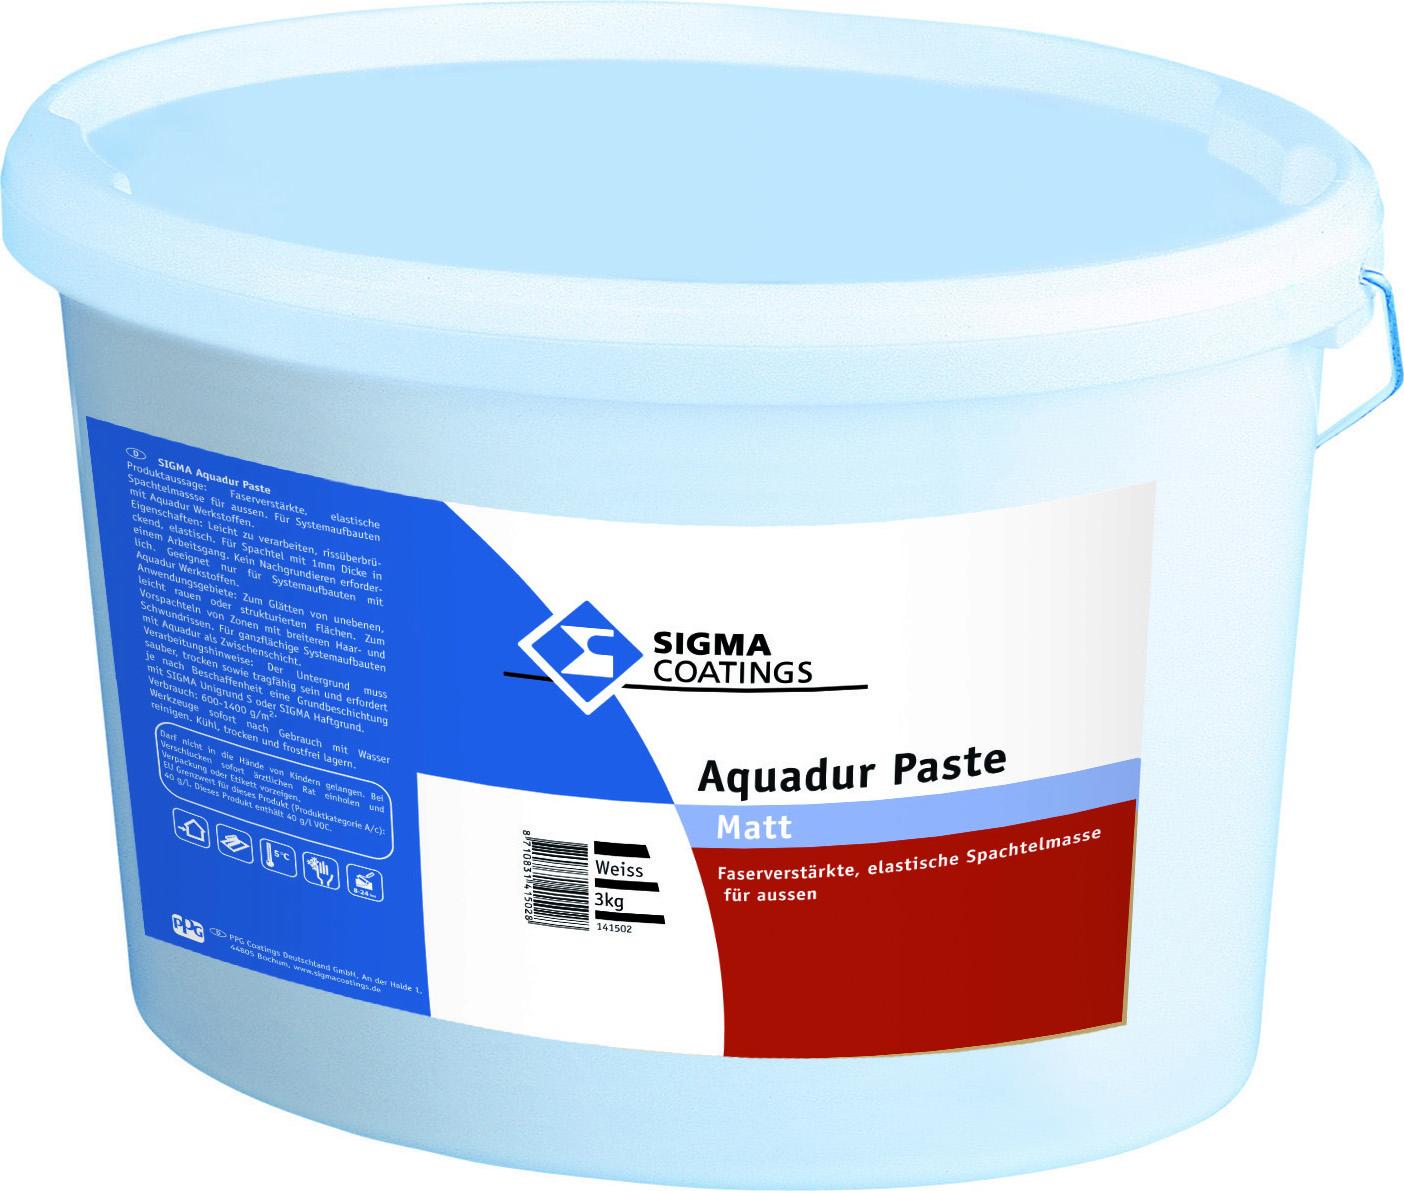 SIGMA Aquadur Paste